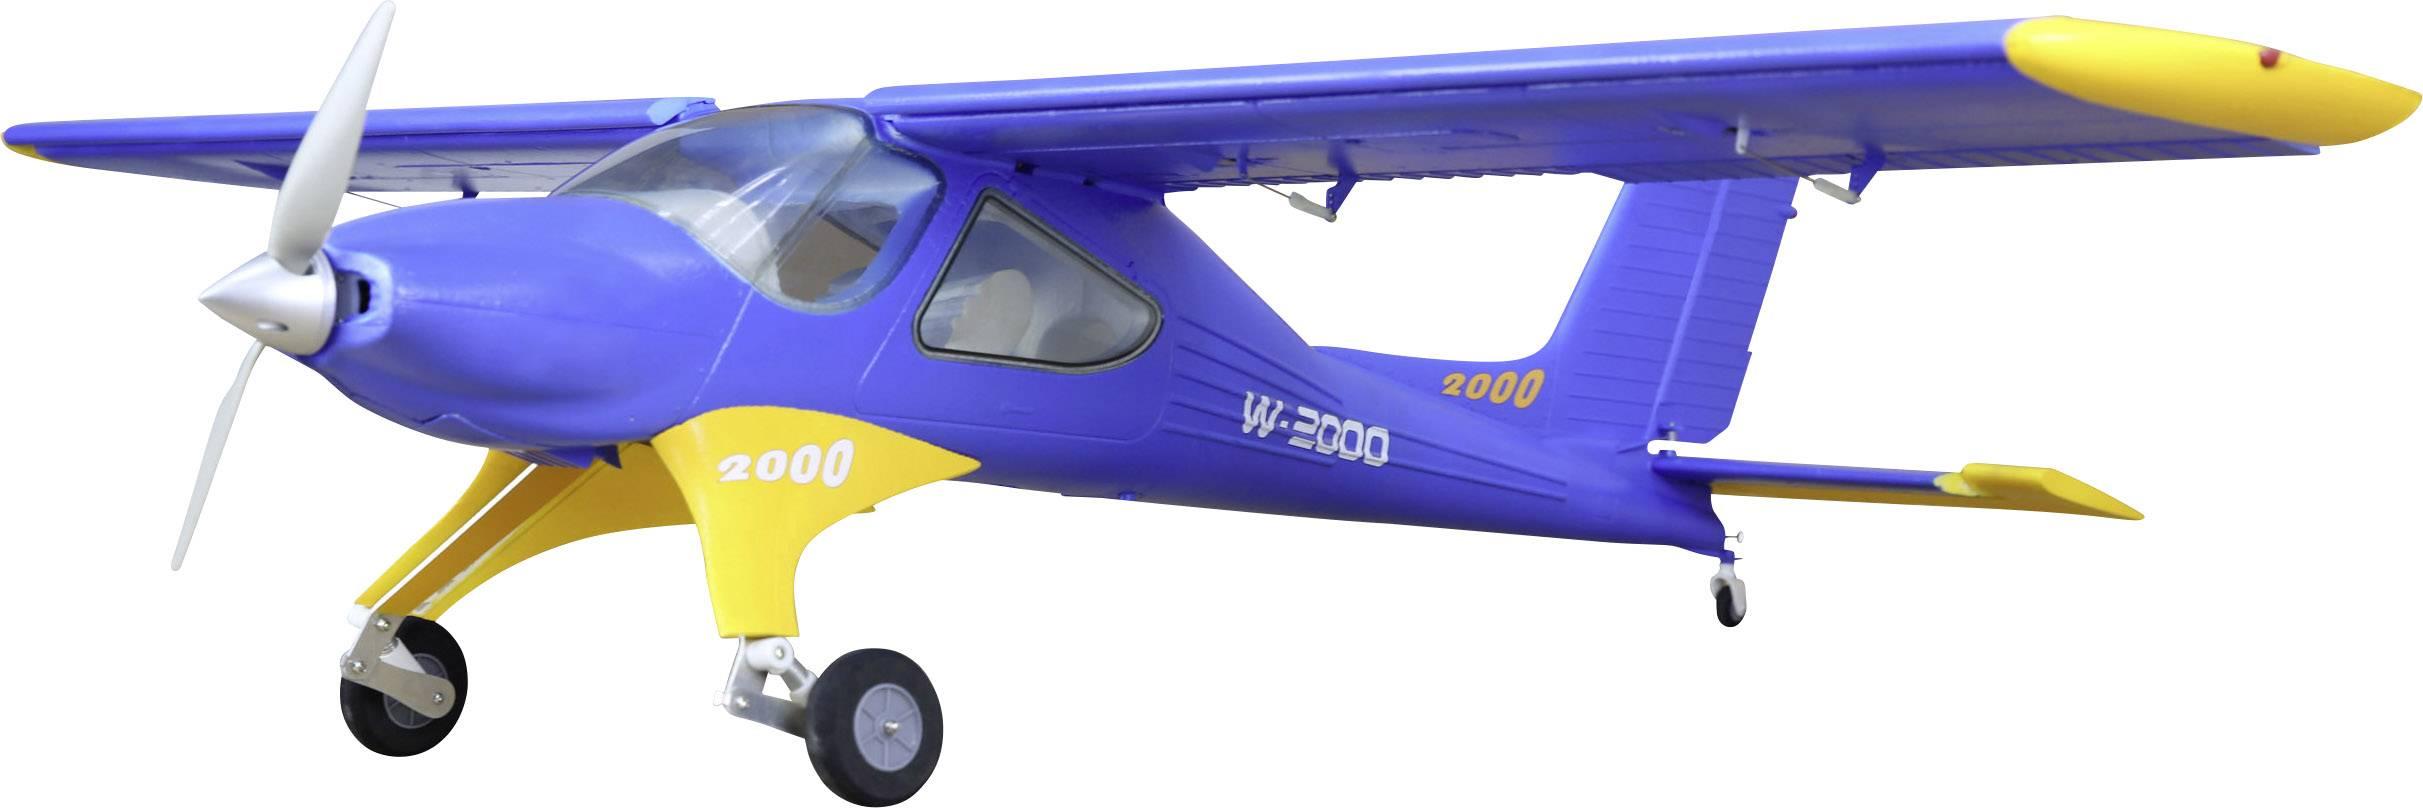 RC modely motorových lietadiel